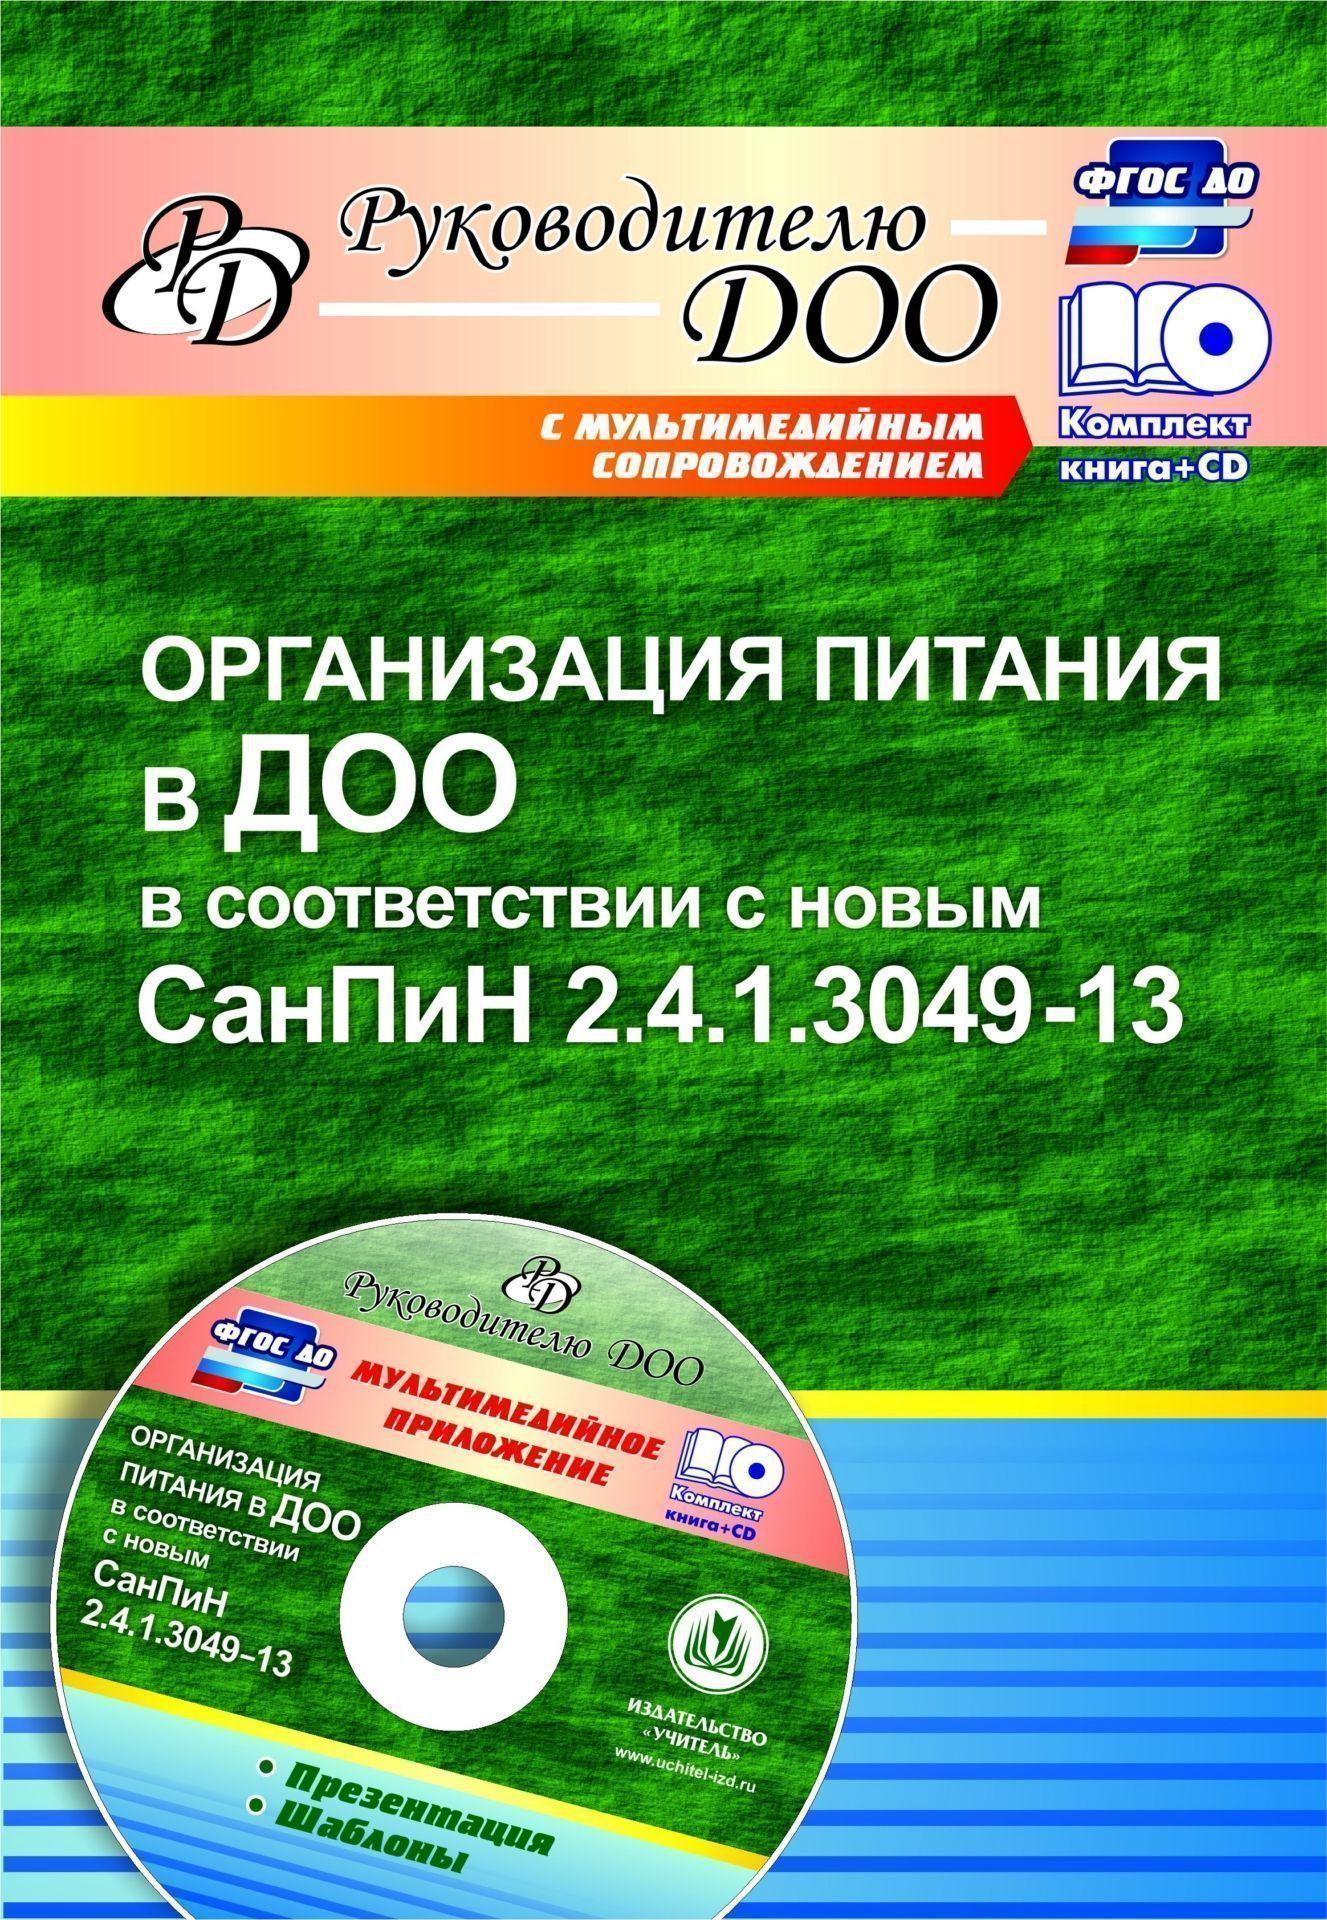 Купить со скидкой Организация питания в ДОО в соответствии с новым СанПиН 2.4.1.3049-13. Презентация, шаблоны в электр